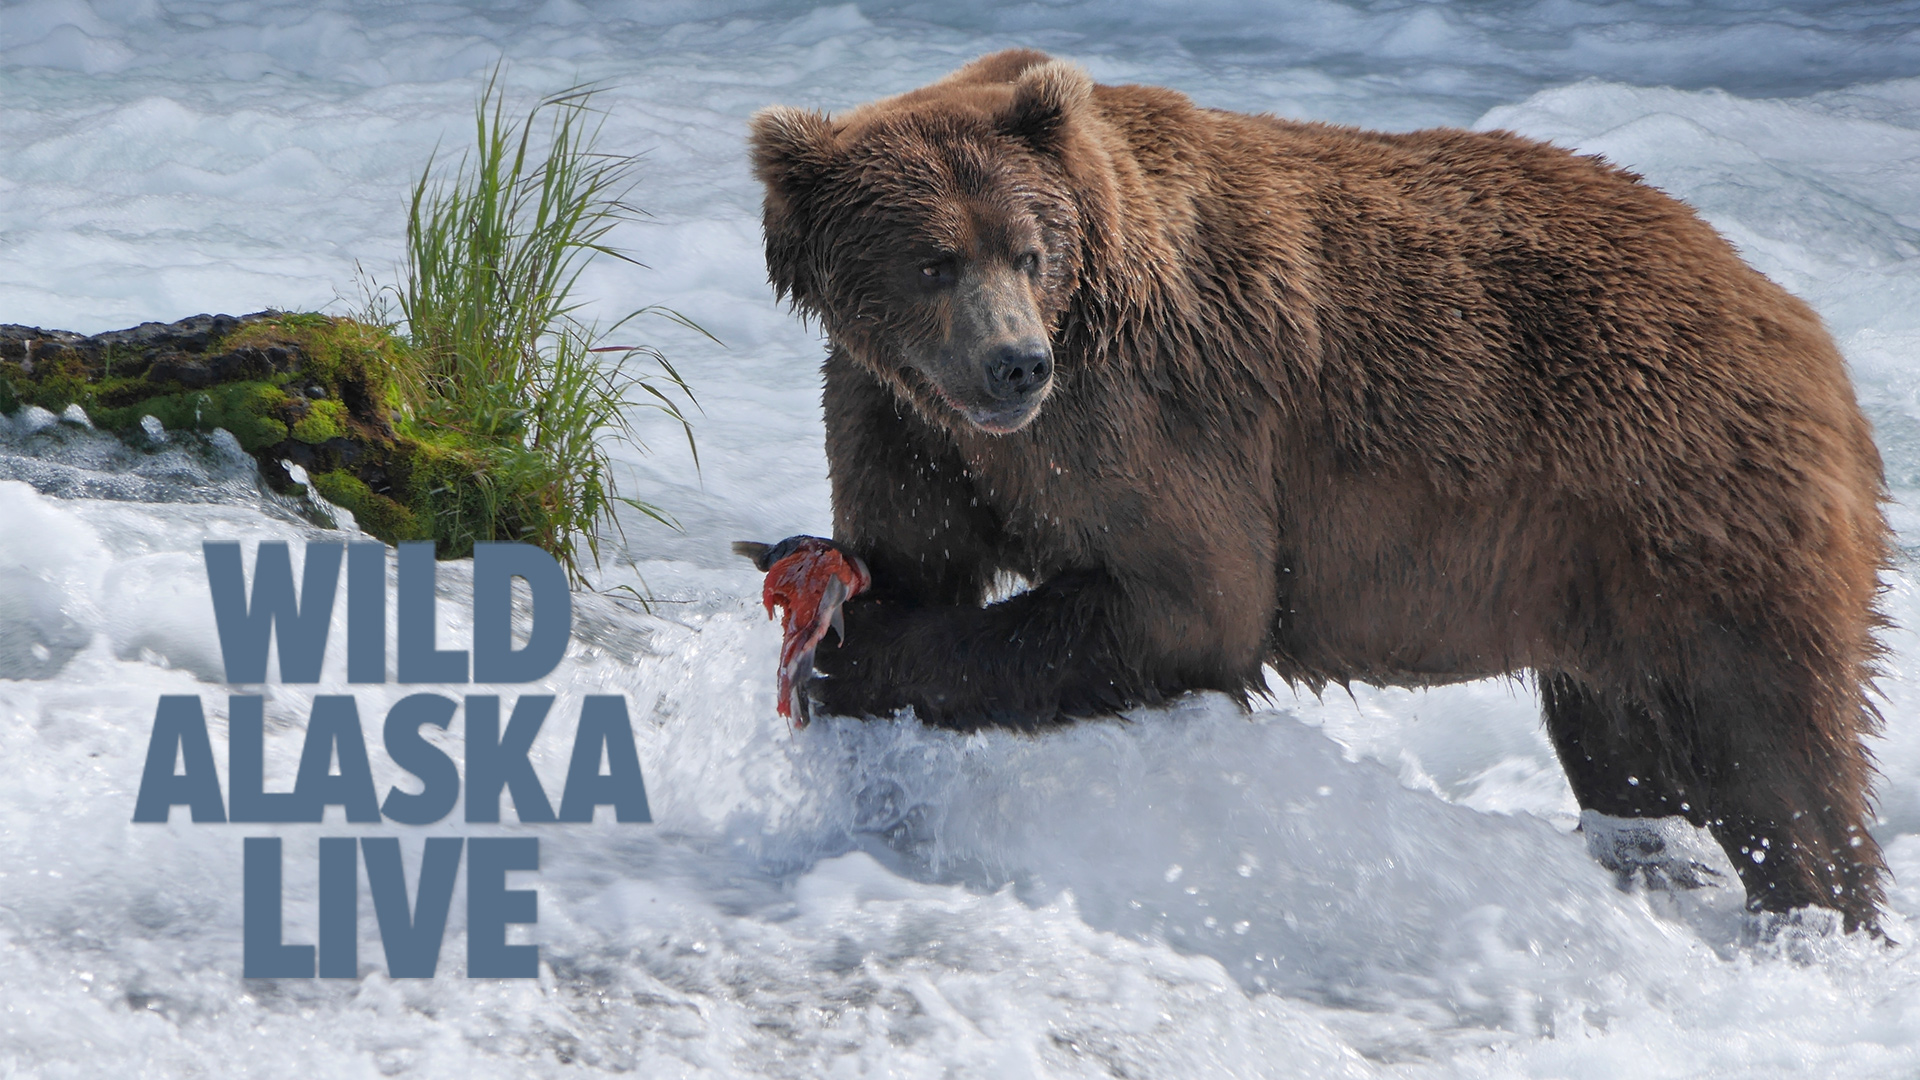 Wild Alaska Live - 2 of 3